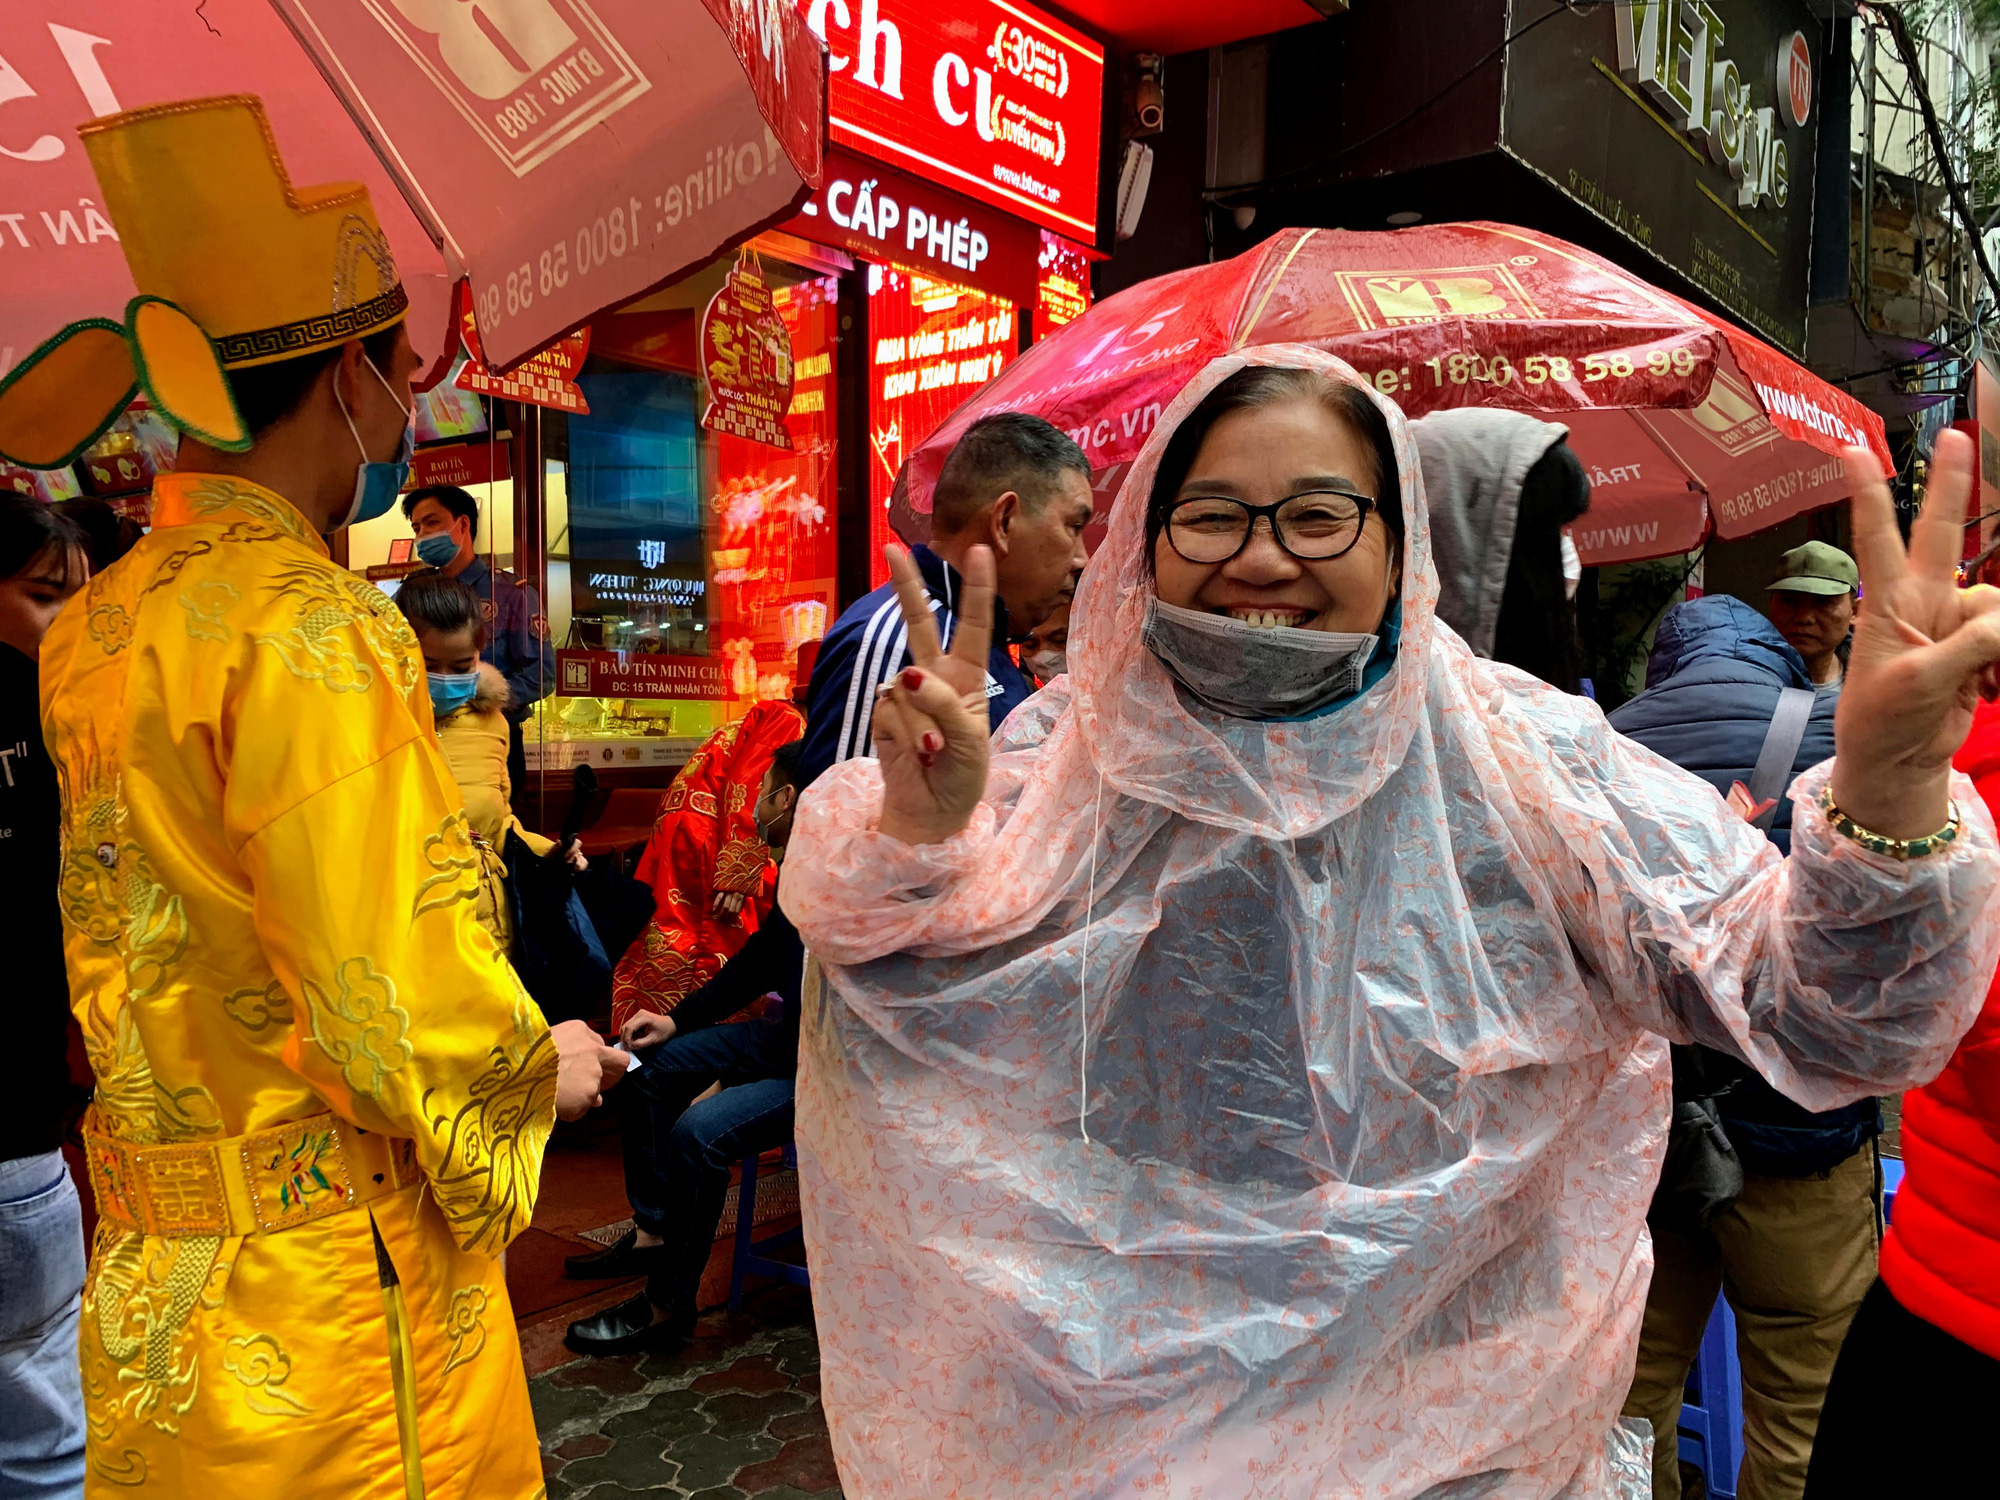 Giữa tâm dịch corona, bay từ Sài Gòn ra Hà Nội, đội mưa để đi mua vàng trong ngày Vía thần Tài - Ảnh 2.